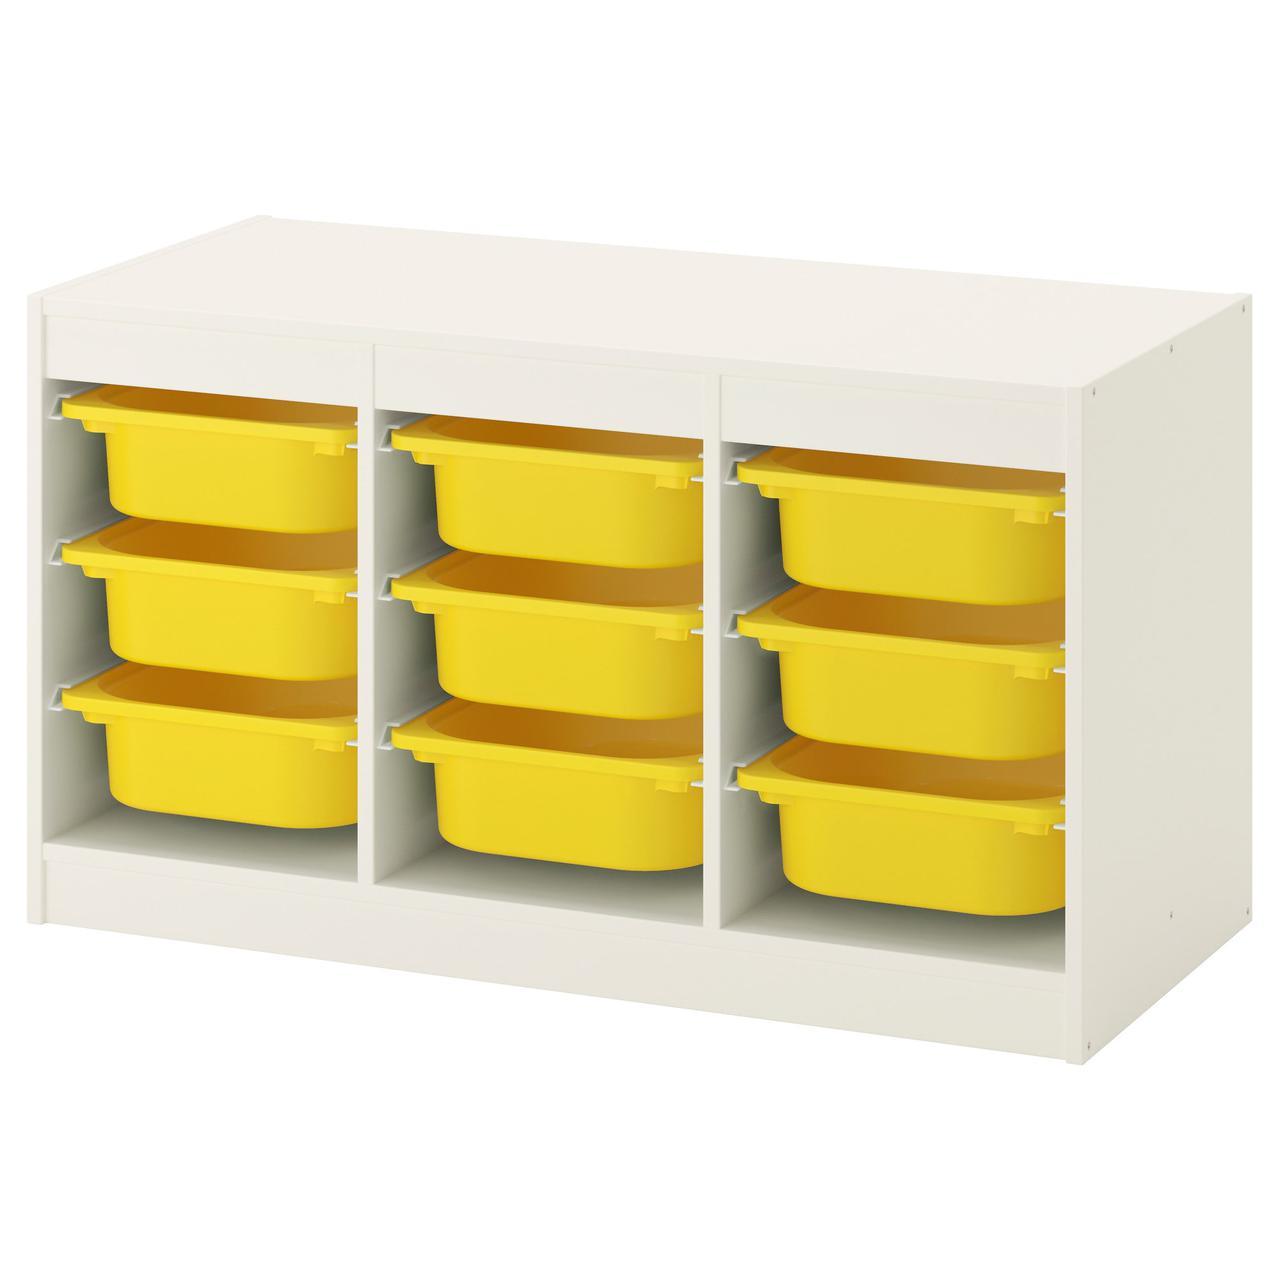 IKEA TROFAST (492.284.69) Стелаж для хранения игрушек